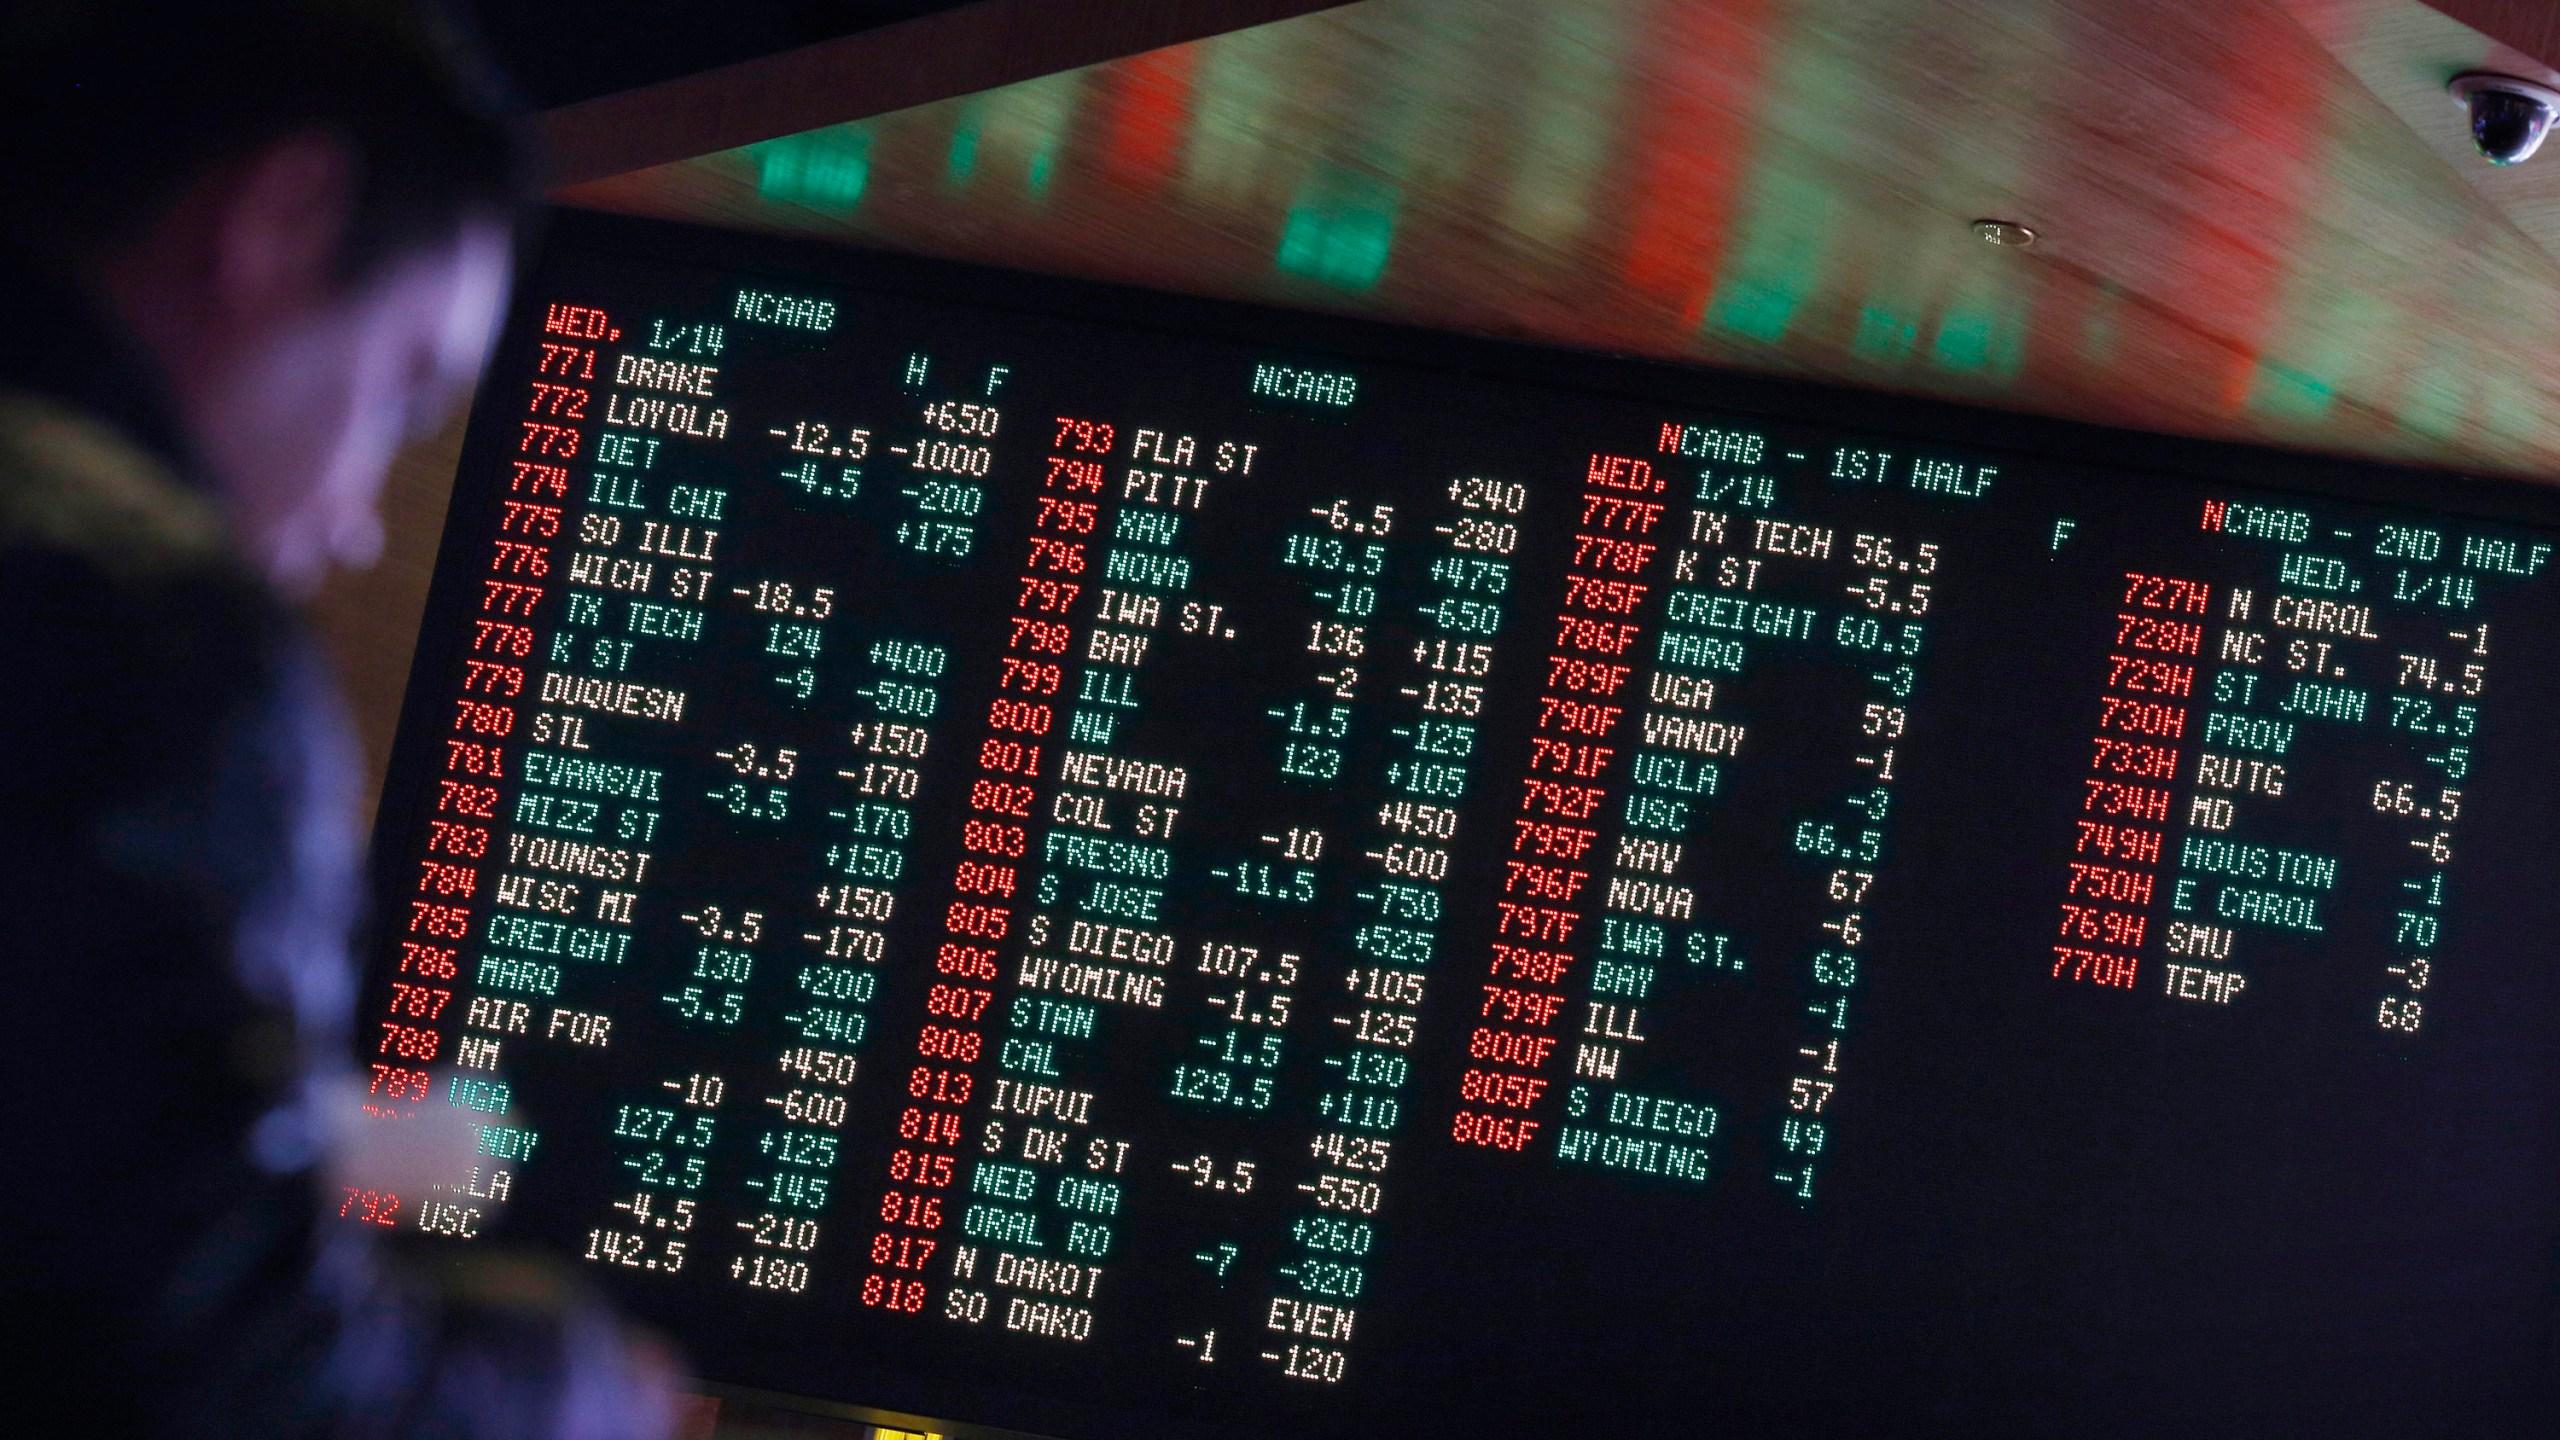 Sports_Gambling-States_48457-159532.jpg08776524